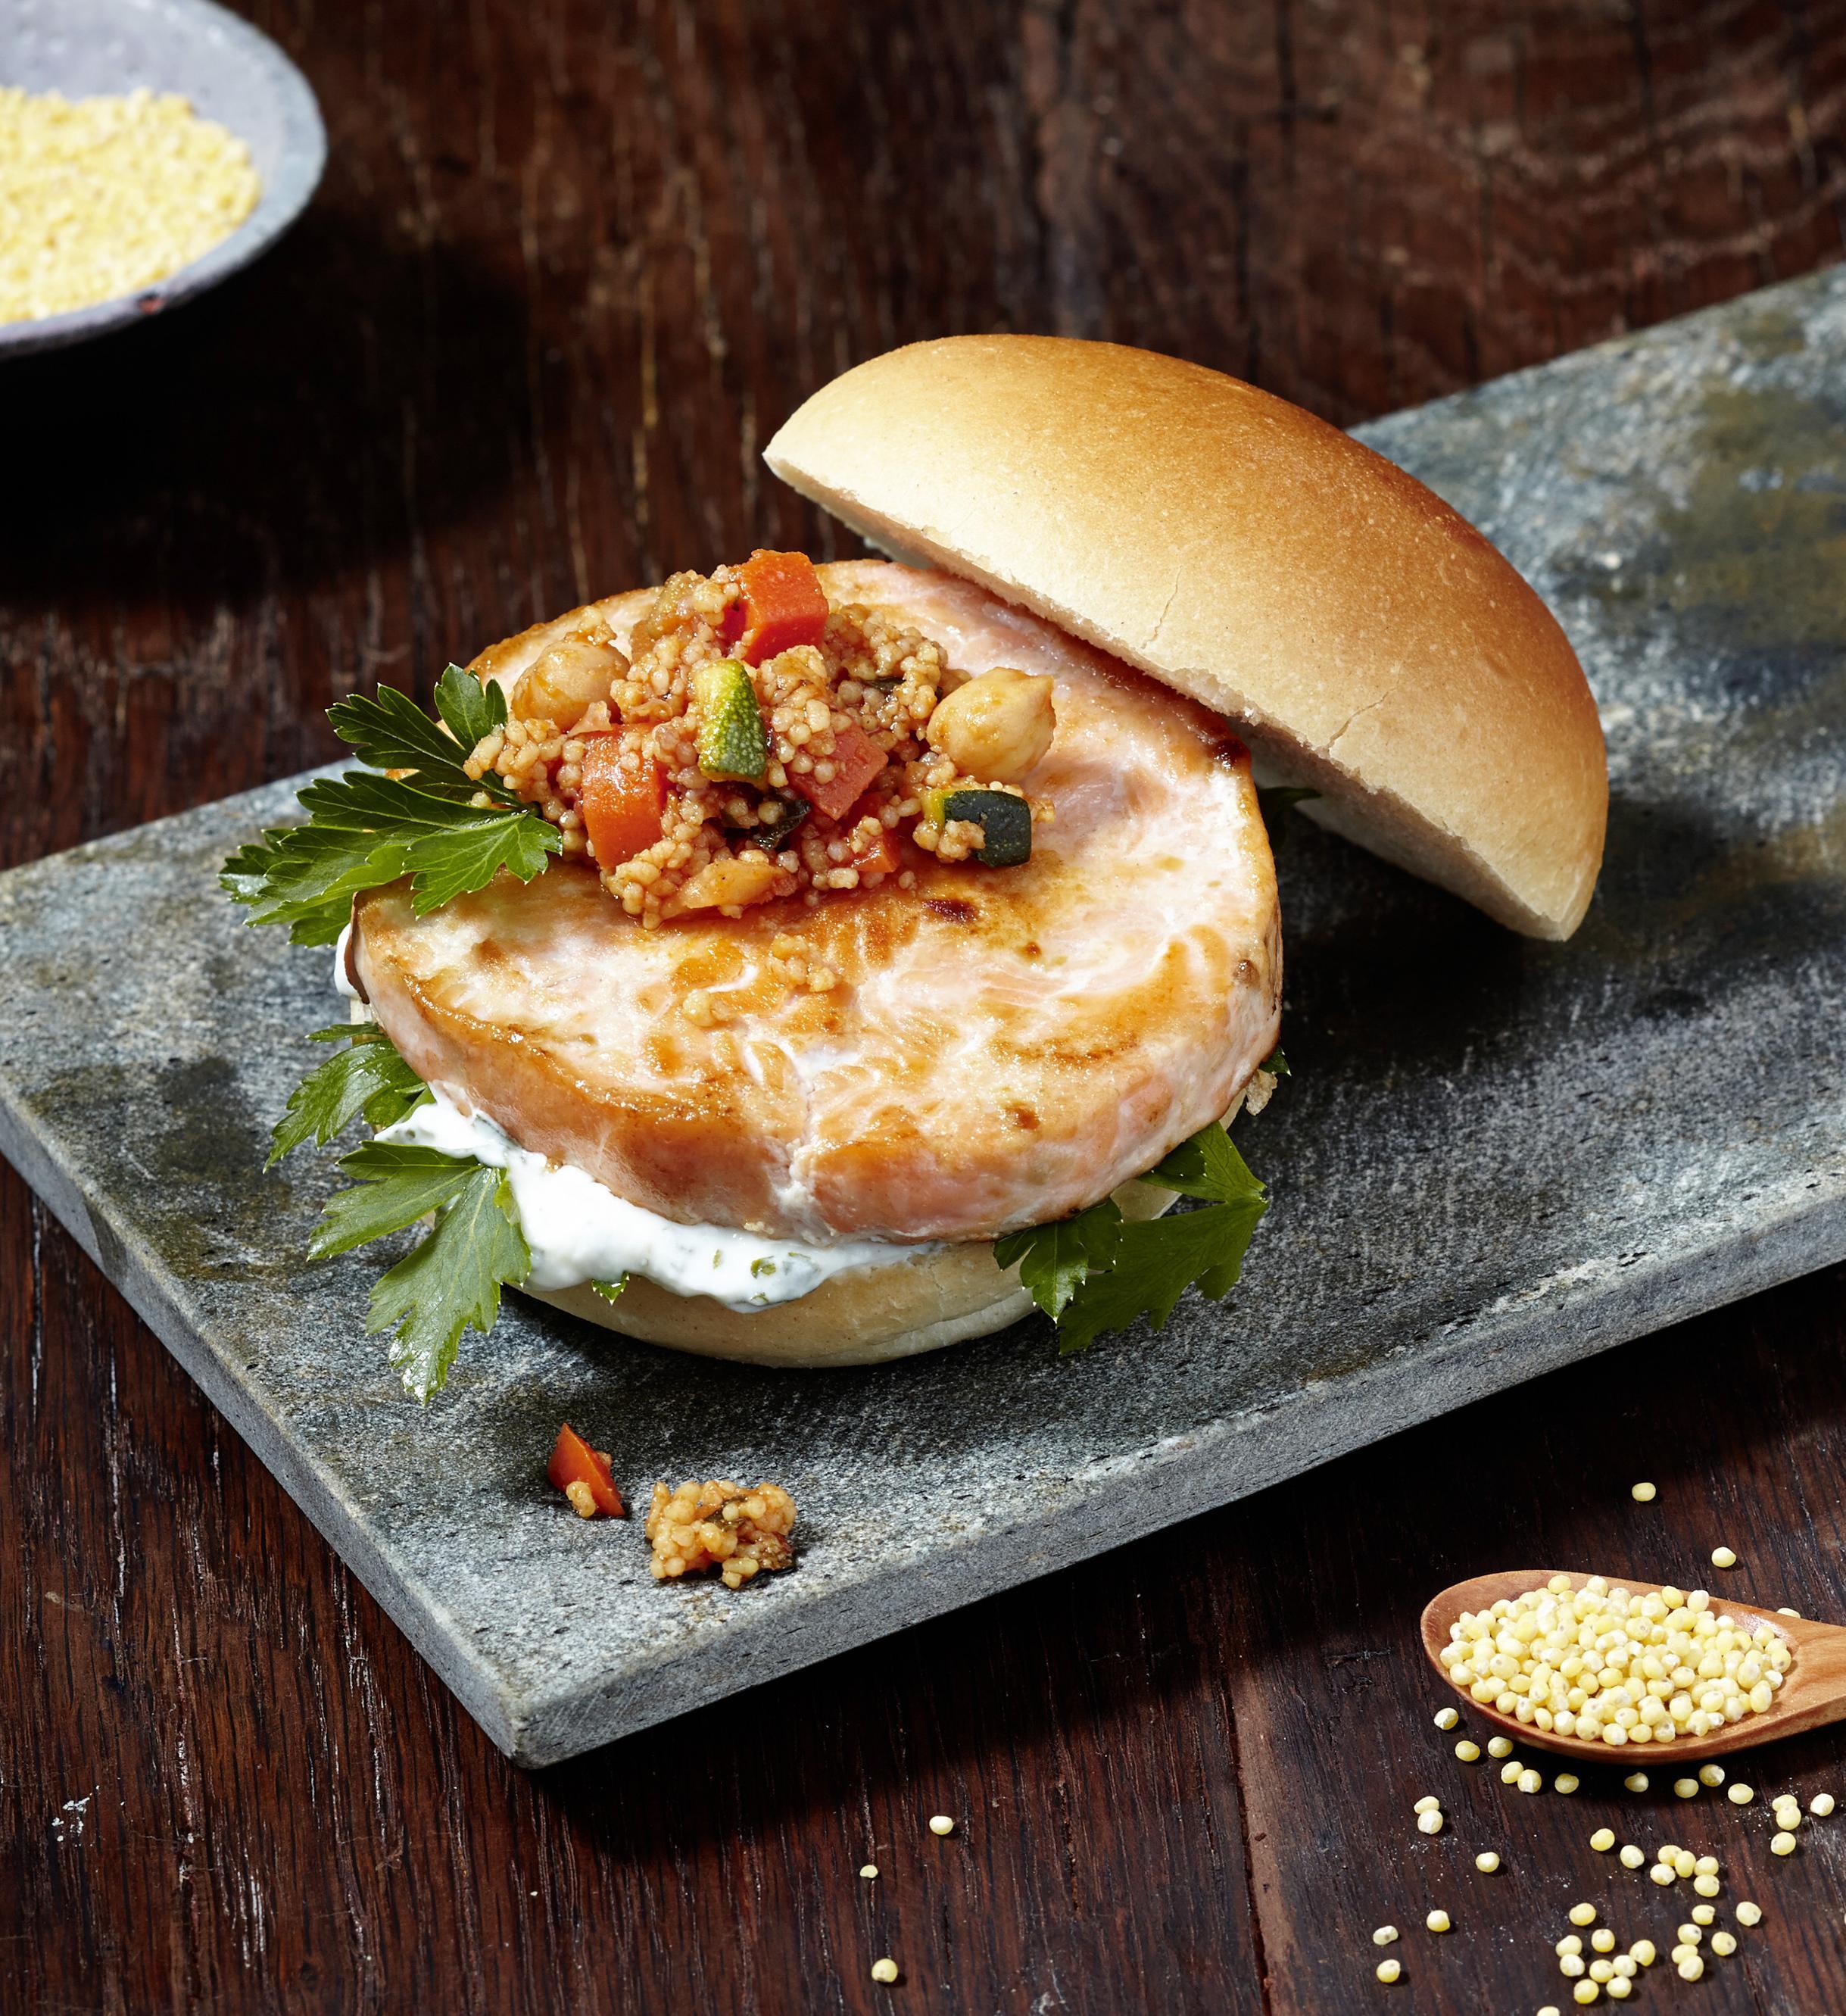 lachs burger orientalisch lachs auf die burger hauptgerichte rezepte deutsche see. Black Bedroom Furniture Sets. Home Design Ideas